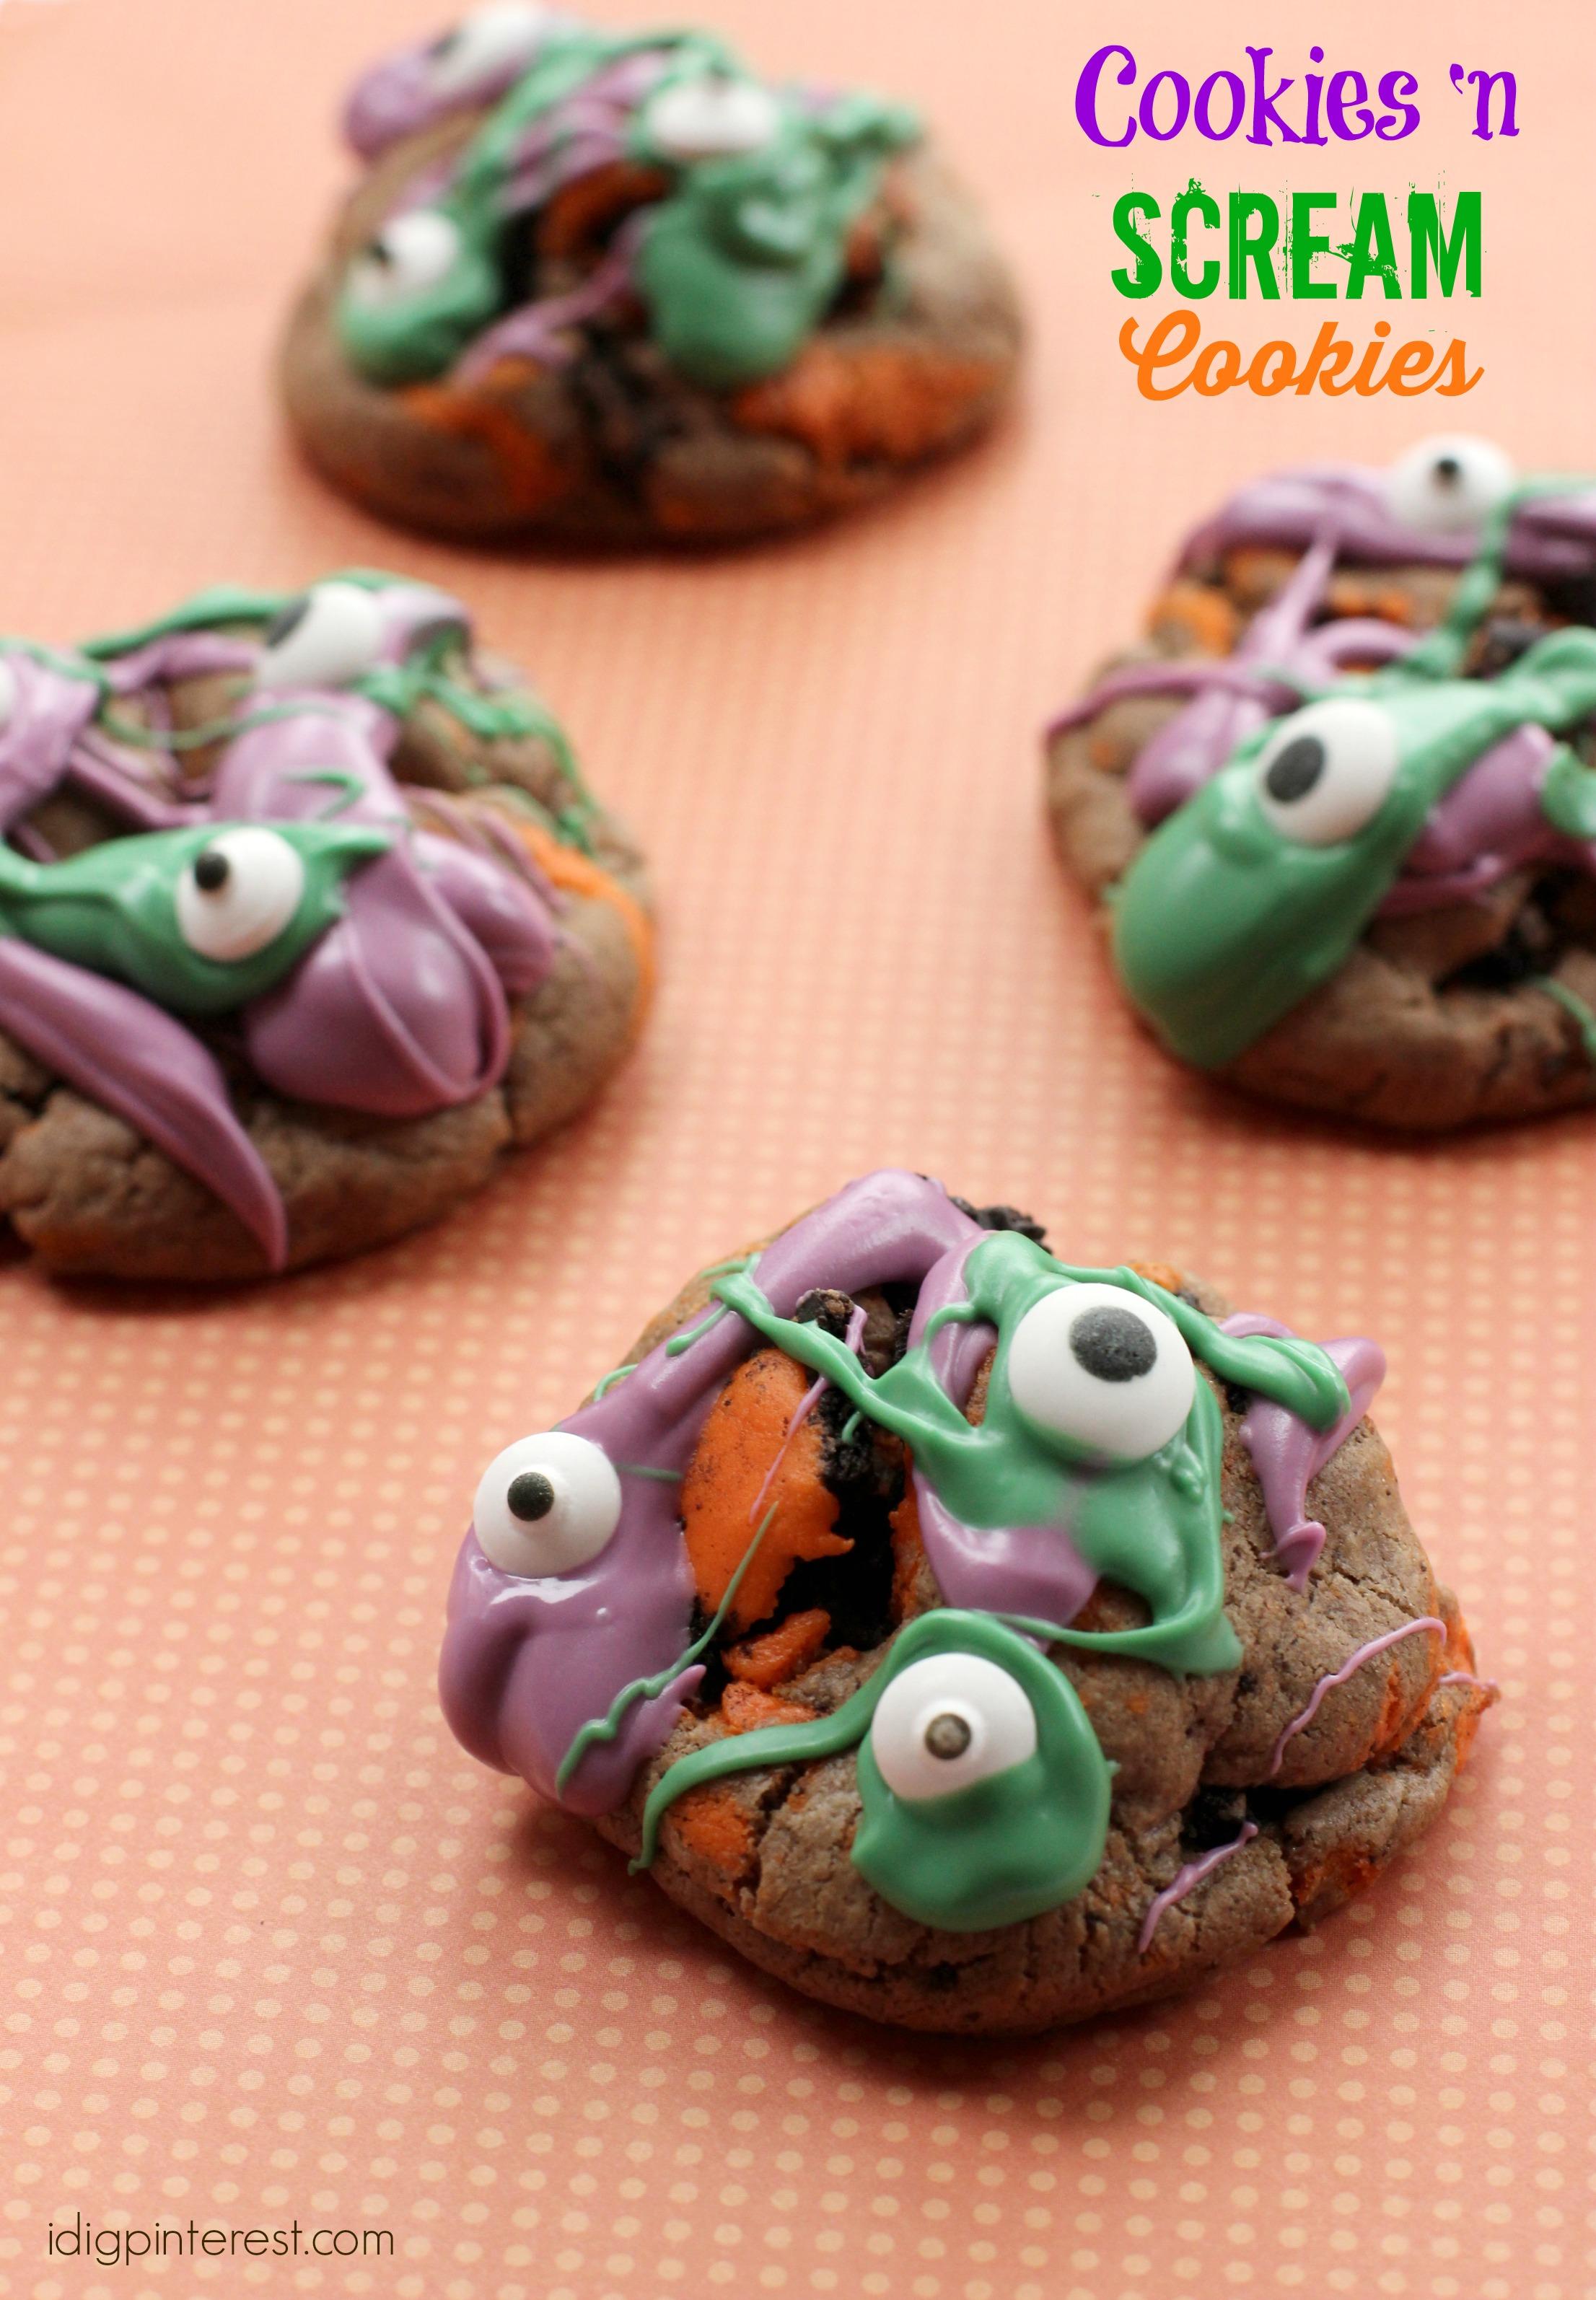 cookies 'n scream cookies1